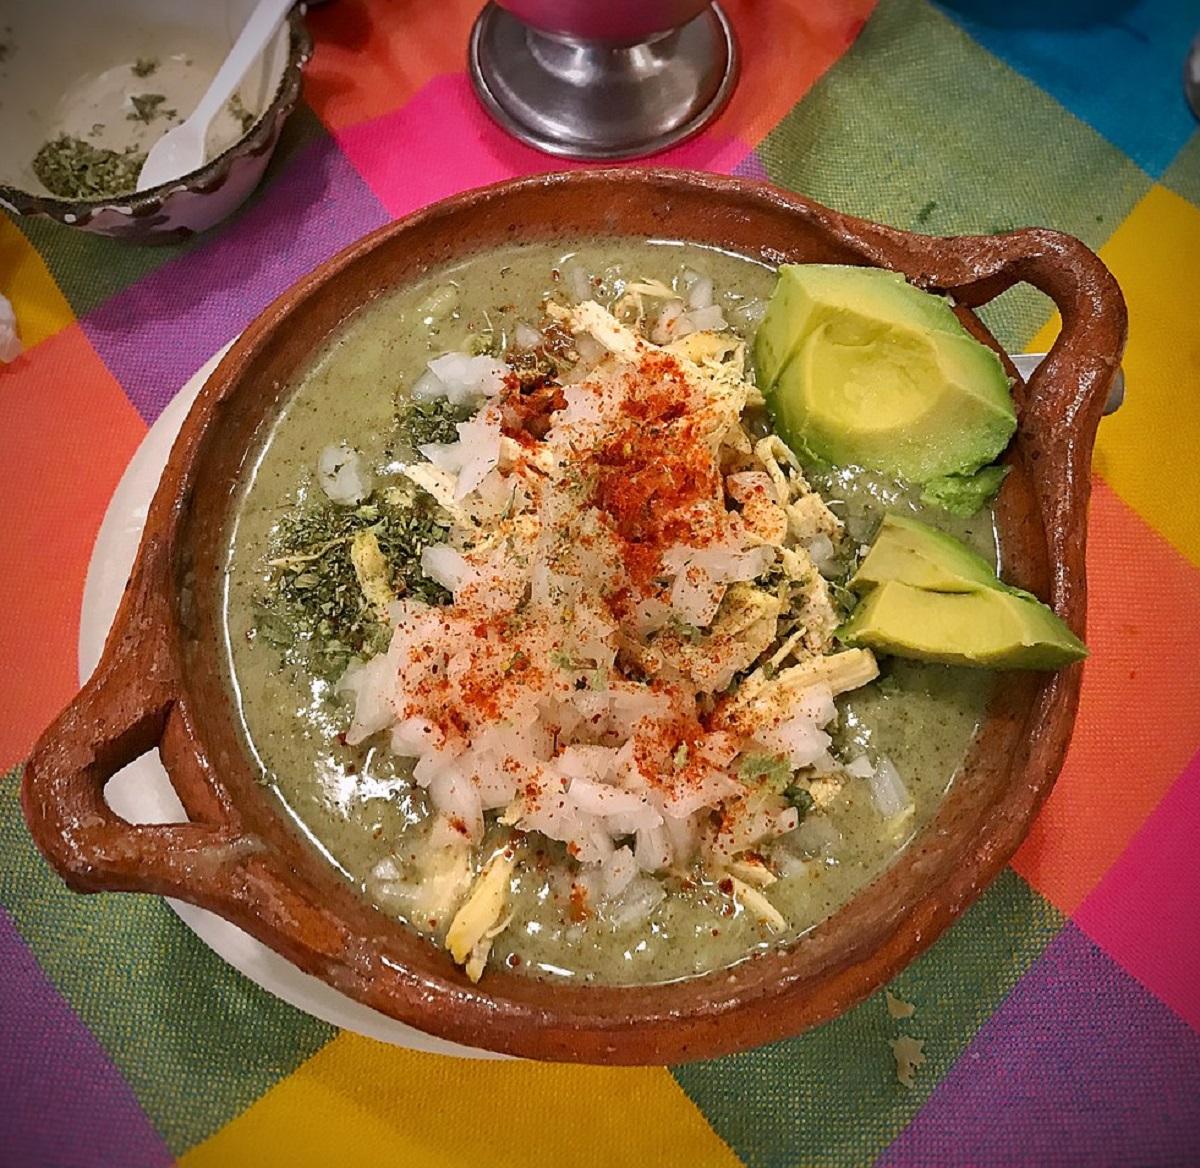 Celebra la Independencia de México con pozole verde de pollo